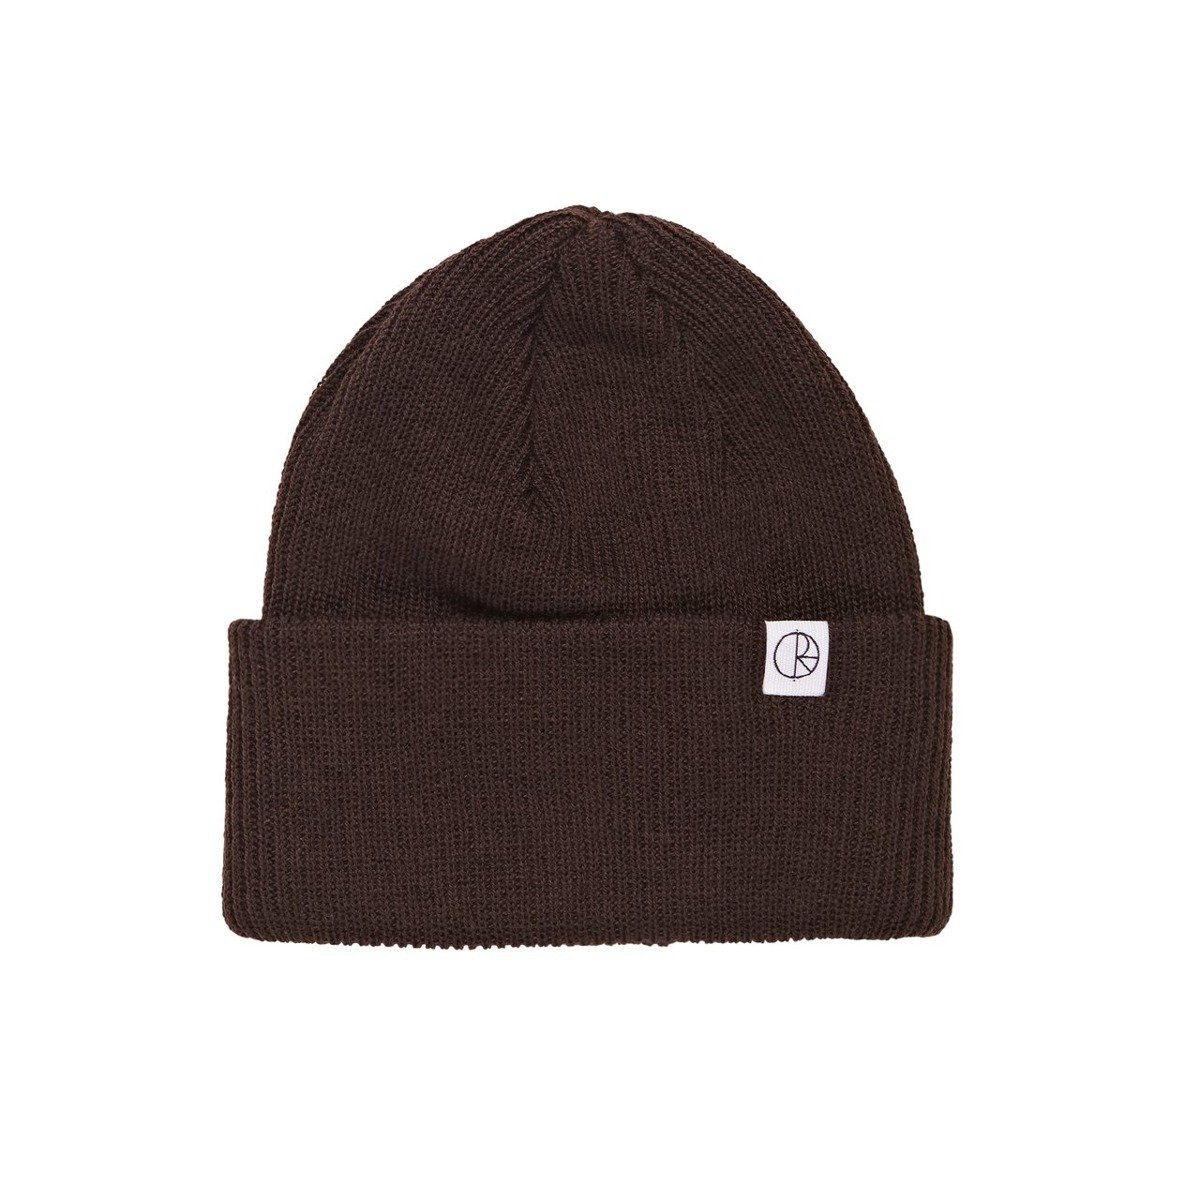 43d447ed123 polar beanie merino wowl brown